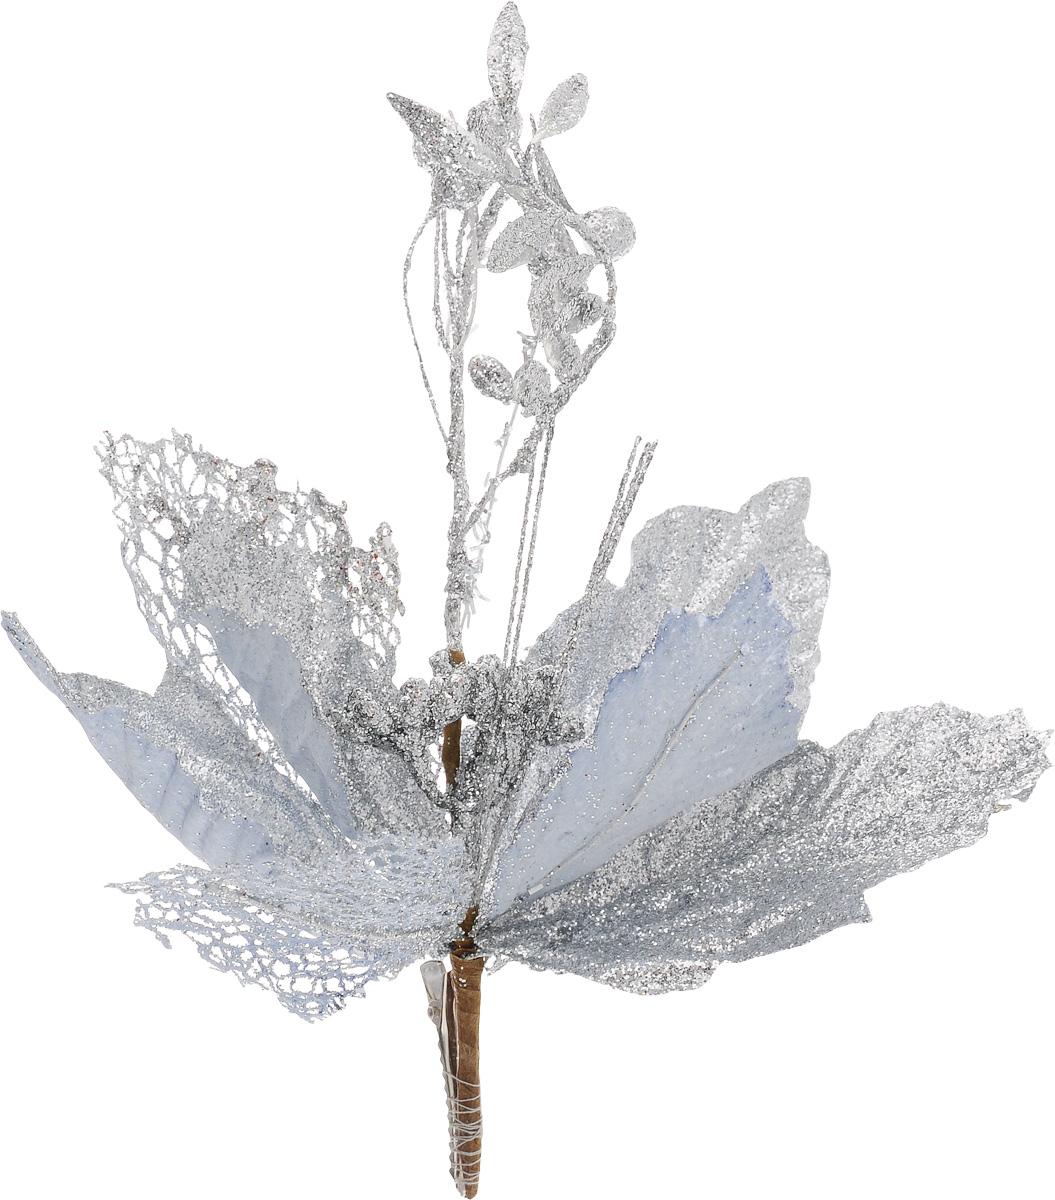 Украшение новогоднее Феникс-Презент Цветок, на клипсе, цвет: серебристый, длина 22 см42492Новогоднее украшение Феникс-Презент Цветок выполнено из поливинилхлорида в форме цветка на клипсе. Украшение можно прикрепить в любом понравившемся вам месте. Но, конечно, удачнее всего оно будет смотреться на праздничной елке.Елочная игрушка - символ Нового года. Она несет в себе волшебство и красоту праздника. Создайте в своем доме атмосферу веселья и радости, украшаяновогоднюю елку нарядными игрушками, которые будут из года в год накапливать теплоту воспоминаний.